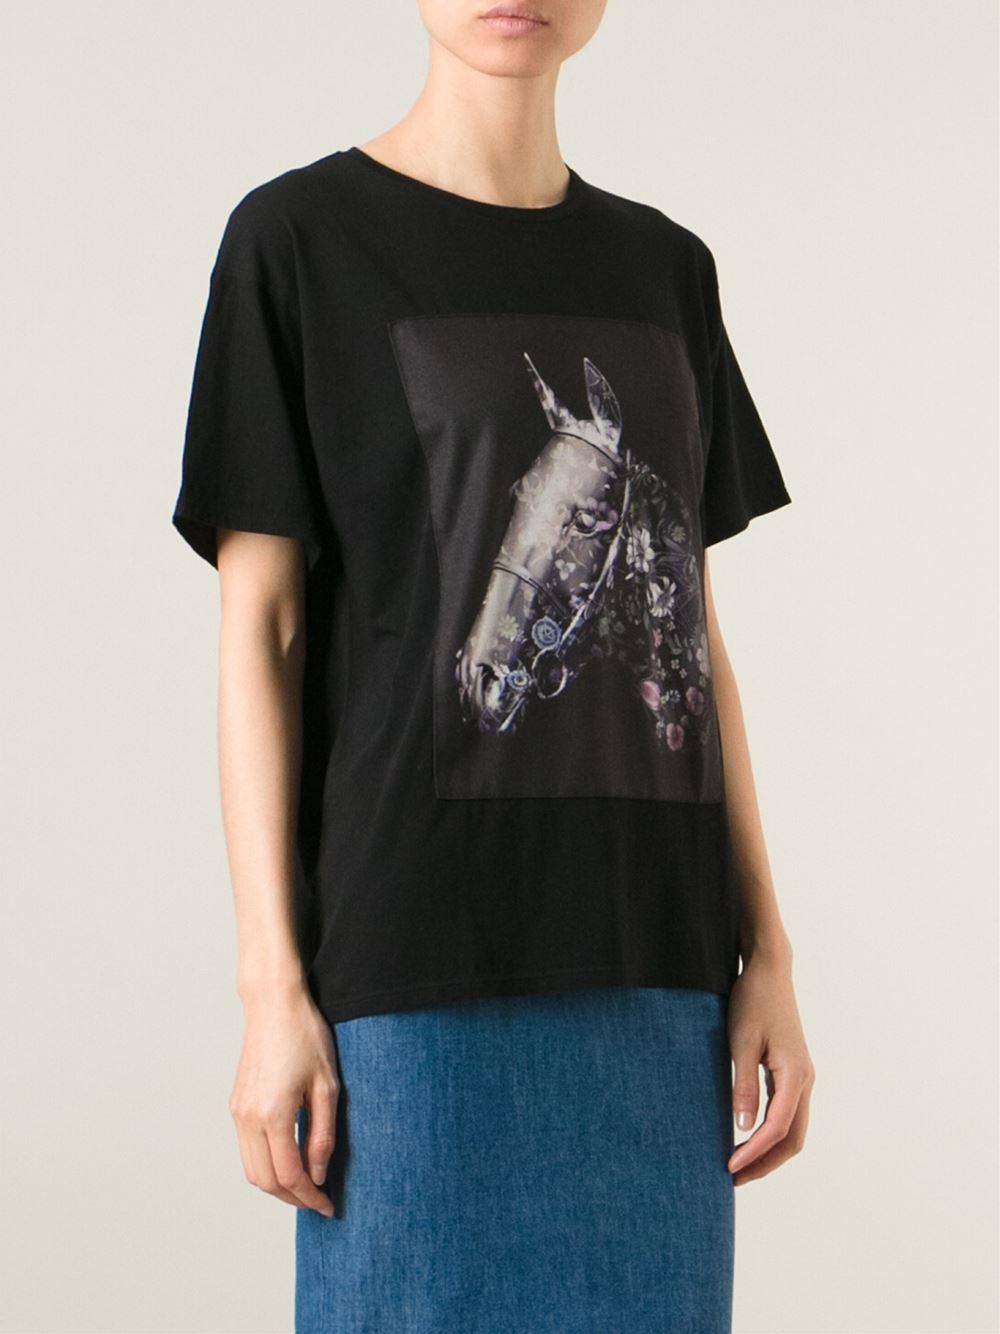 Women Nike T Shirts